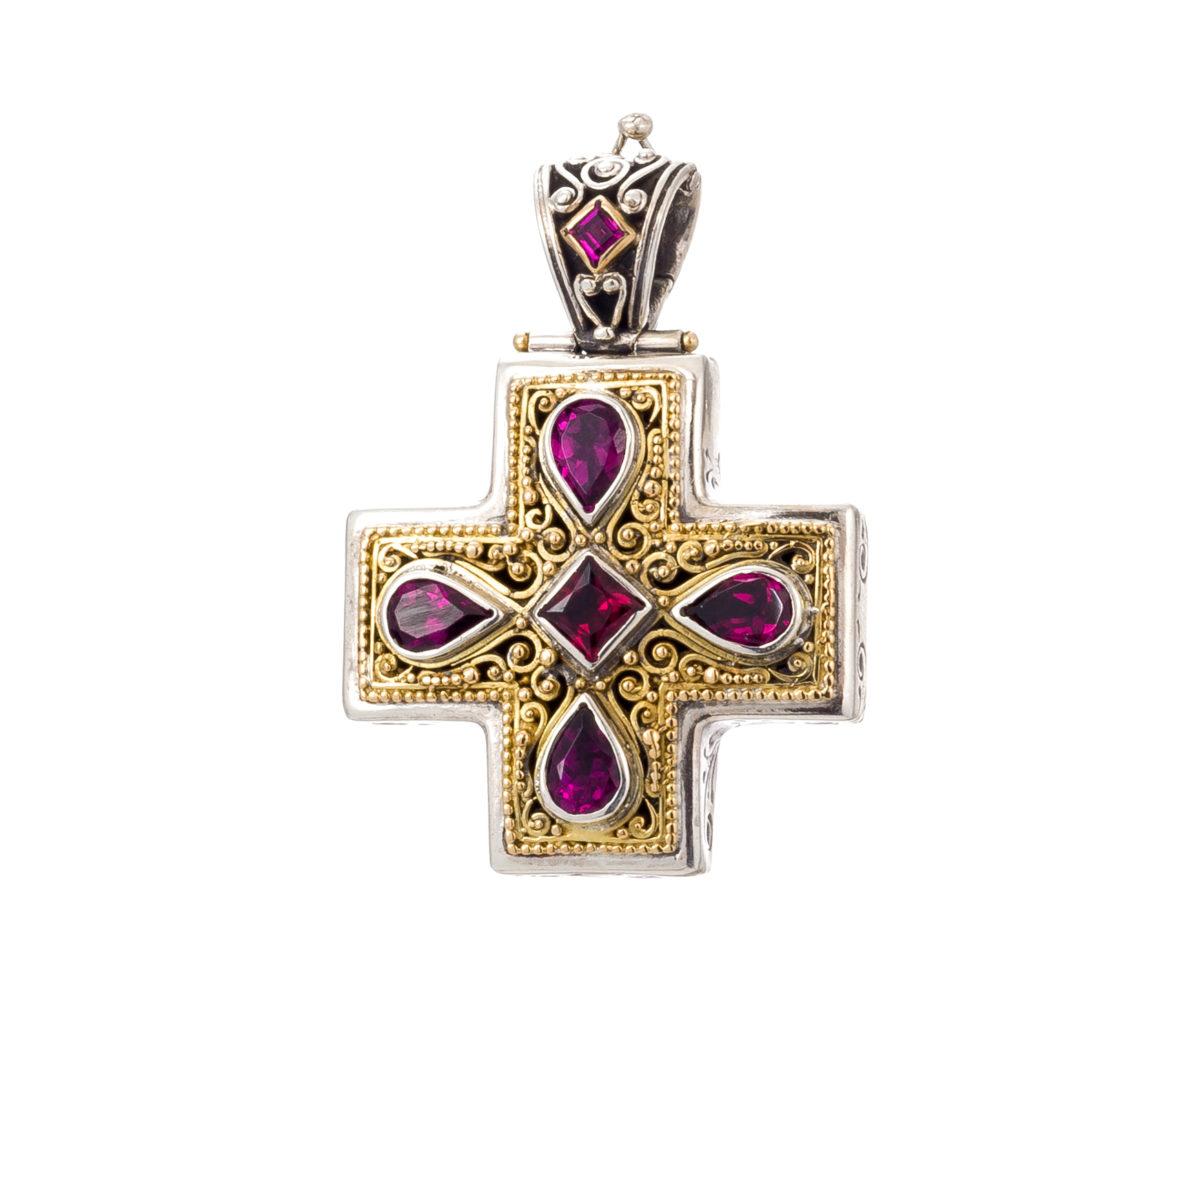 Χειροποίητος Βυζαντινός σταυρός Gerochristos με Γρανάδα Ροδολίτη